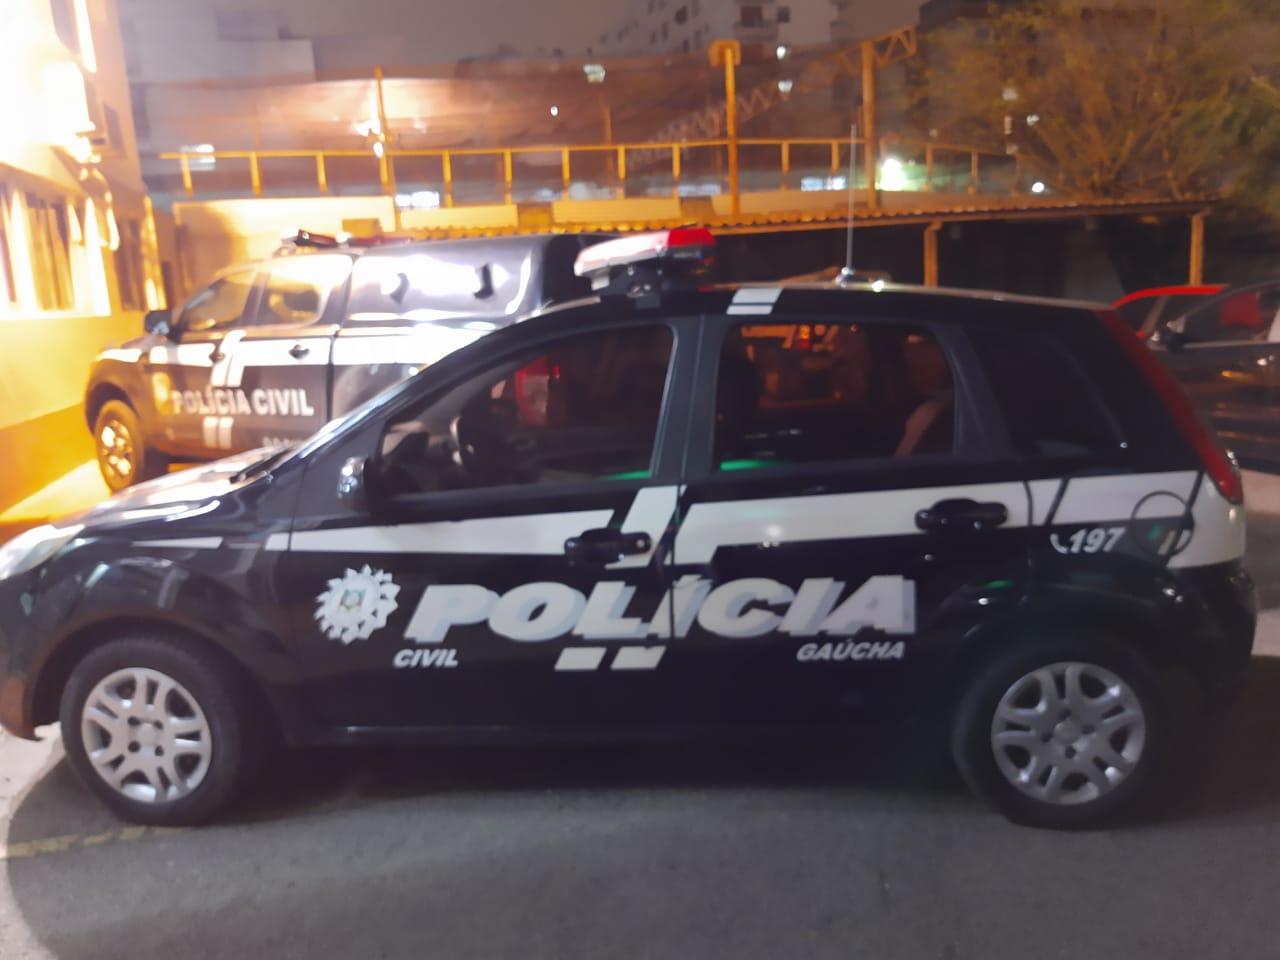 Operação da Polícia Civil de Bento resulta em prisão, apreensões de armas e munições